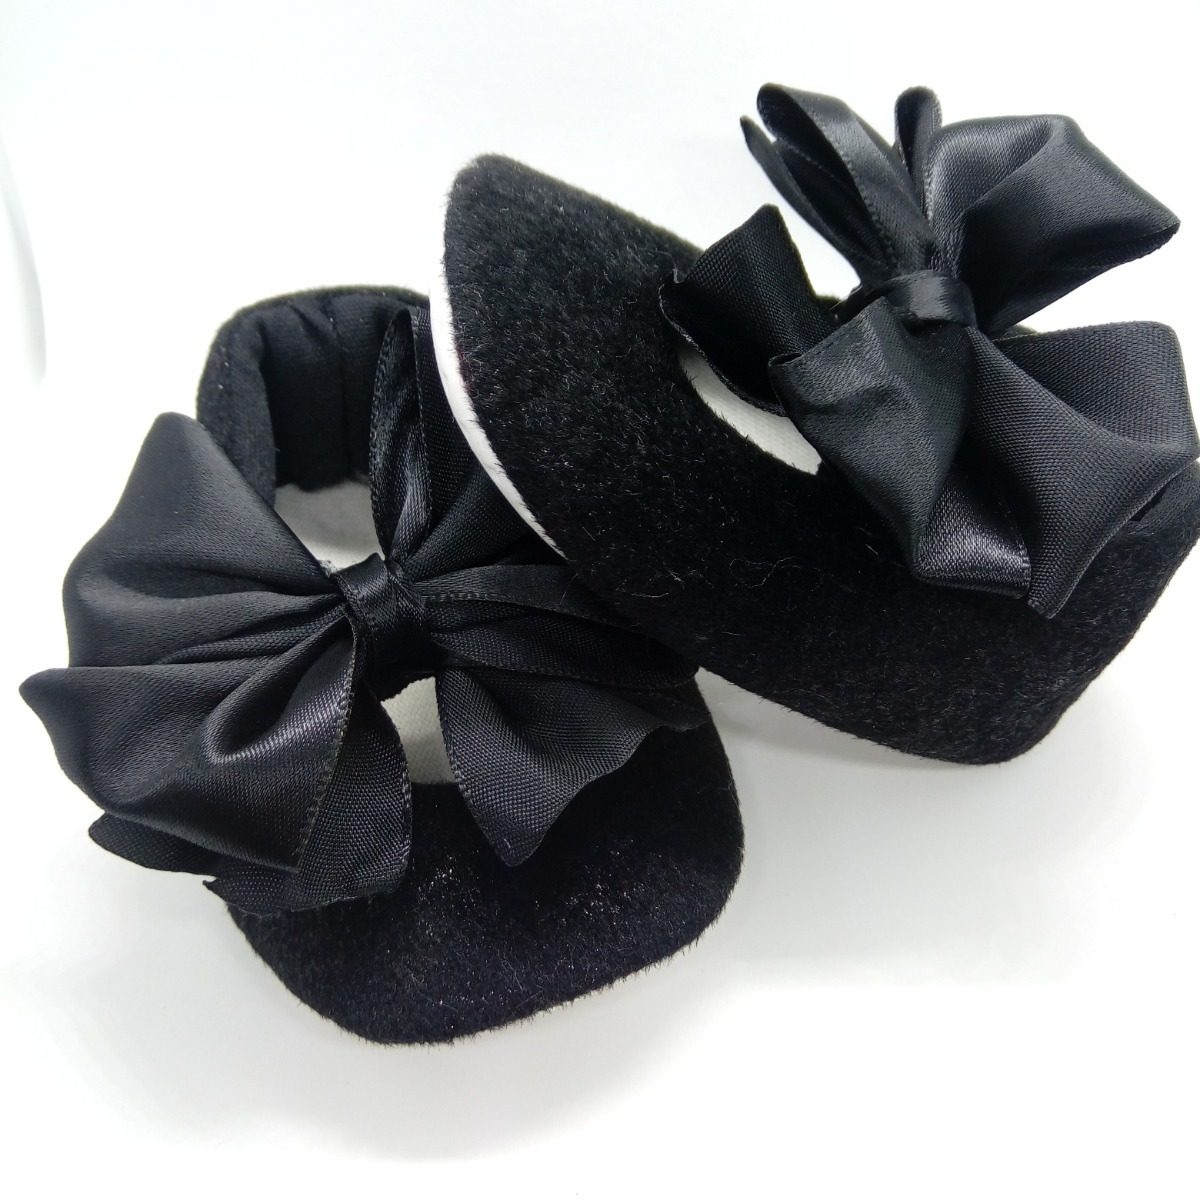 a485a3665f3 Zapatos bebé niña invierno hermosos elegantes negros navidad cargando zoom  jpg 1200x1200 Zapatos de invierno nina